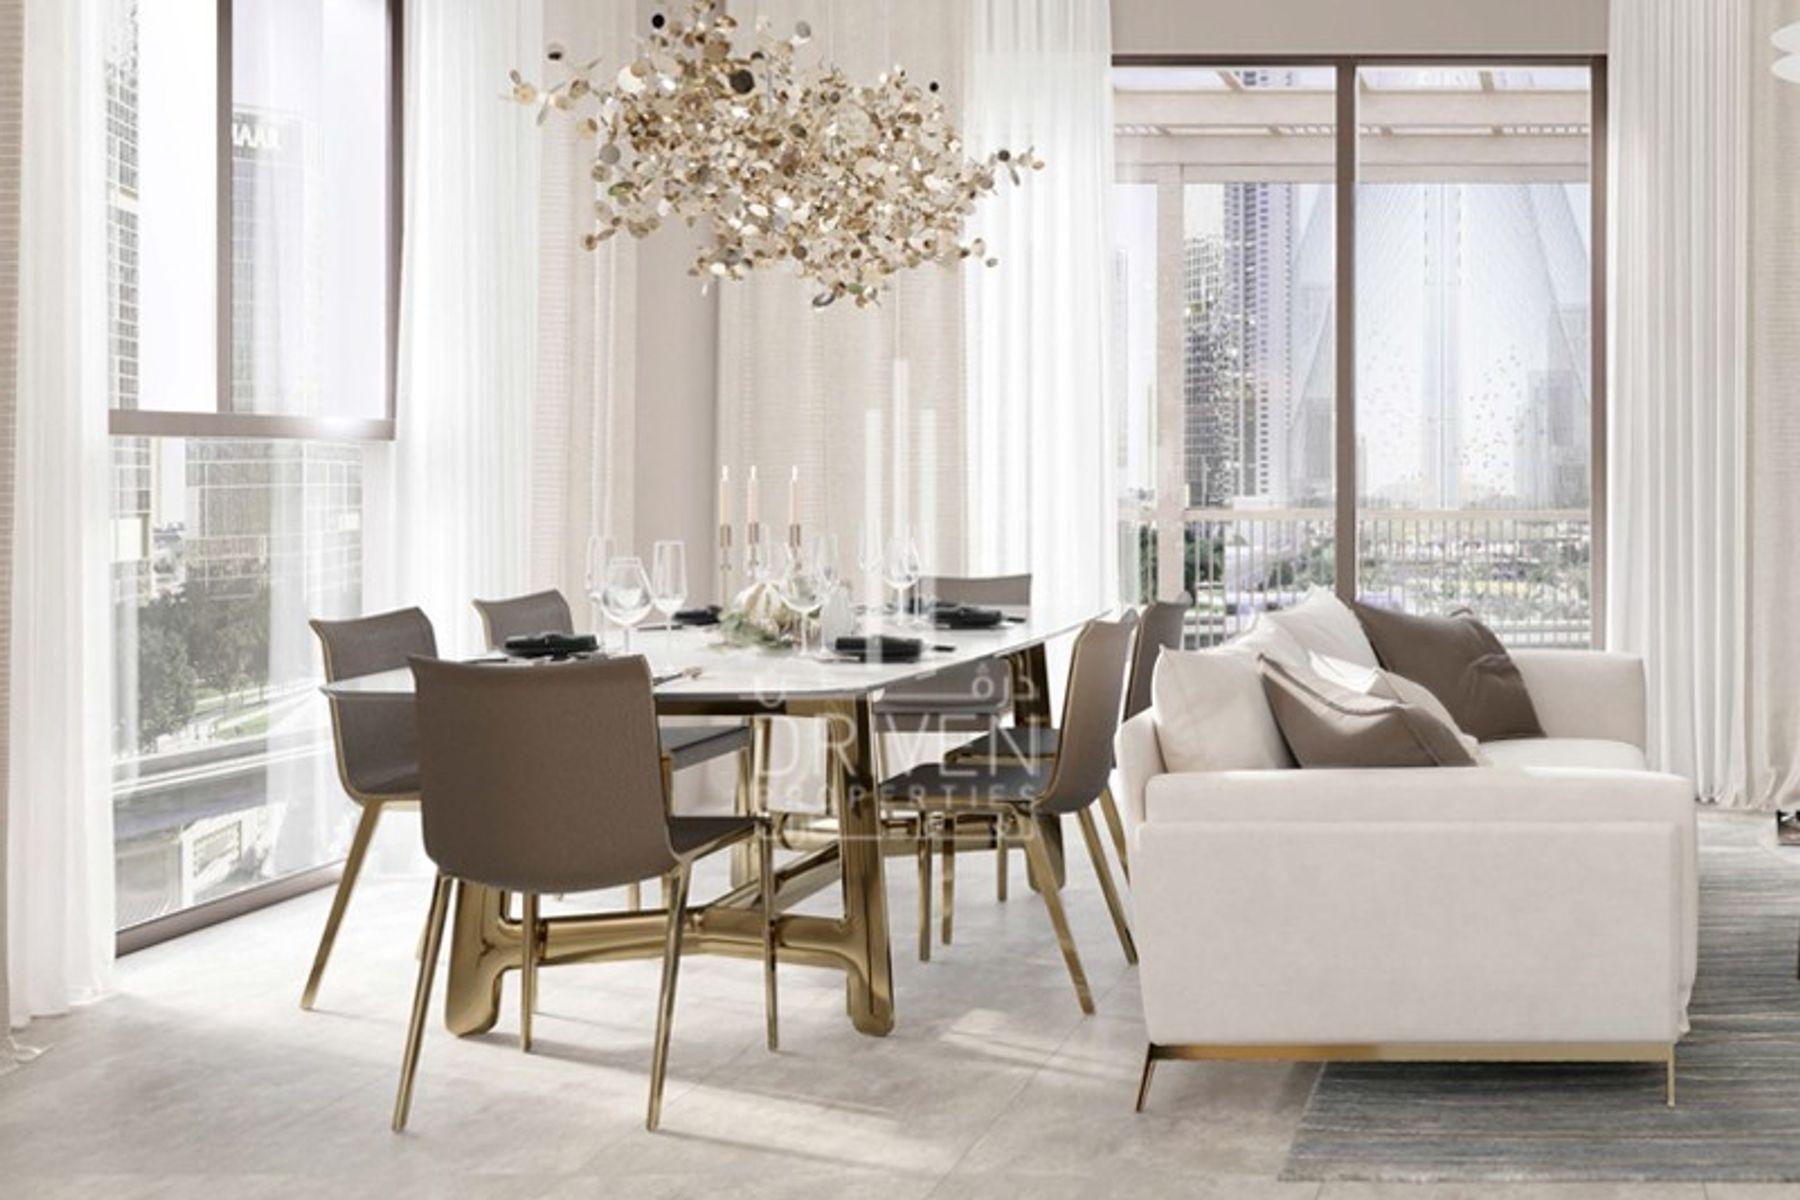 Apartment for Sale in Bayshore - Dubai Creek Harbour